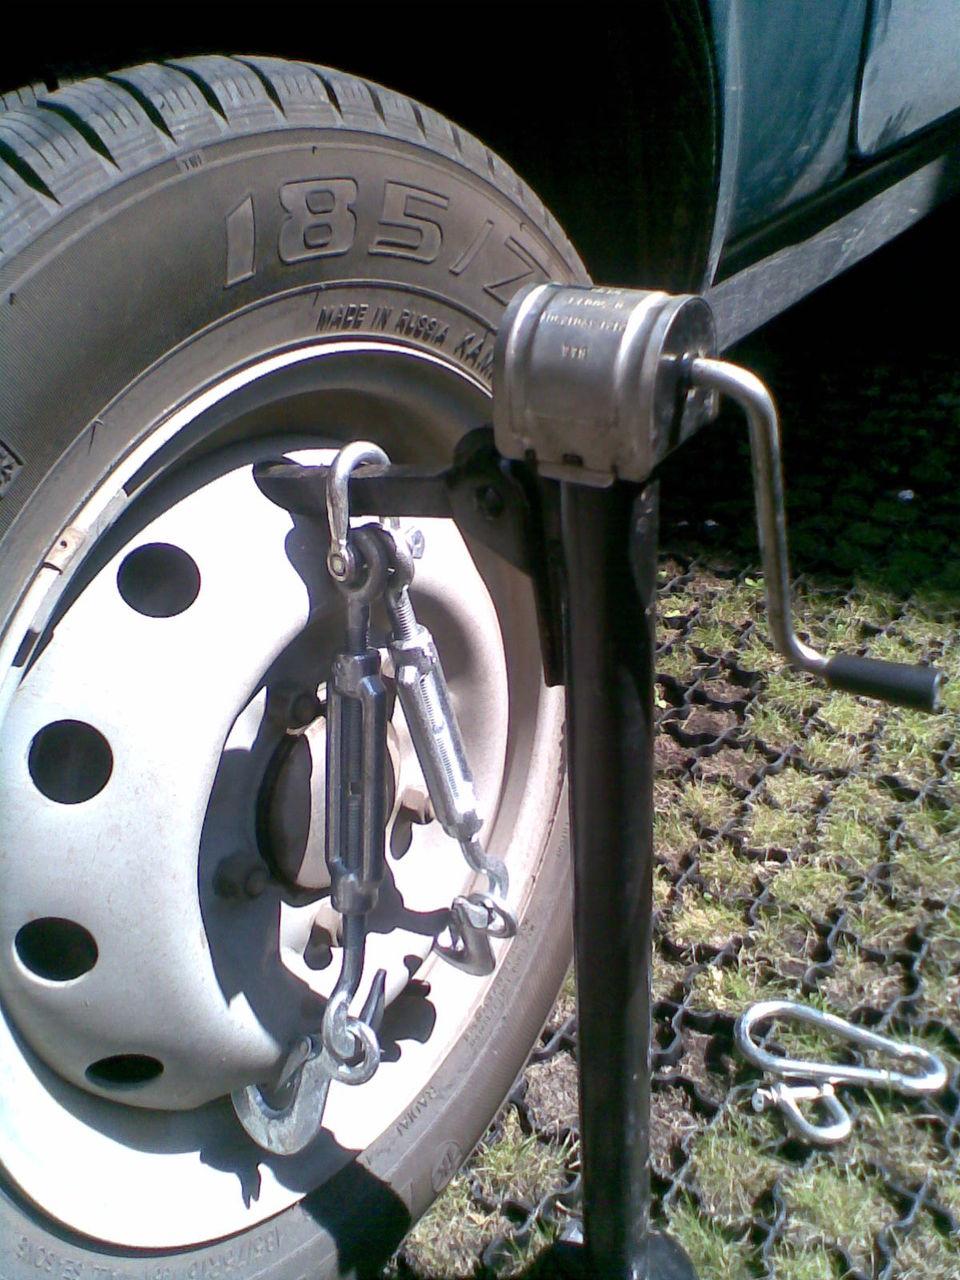 Устройство для подъема за колесо своими руками